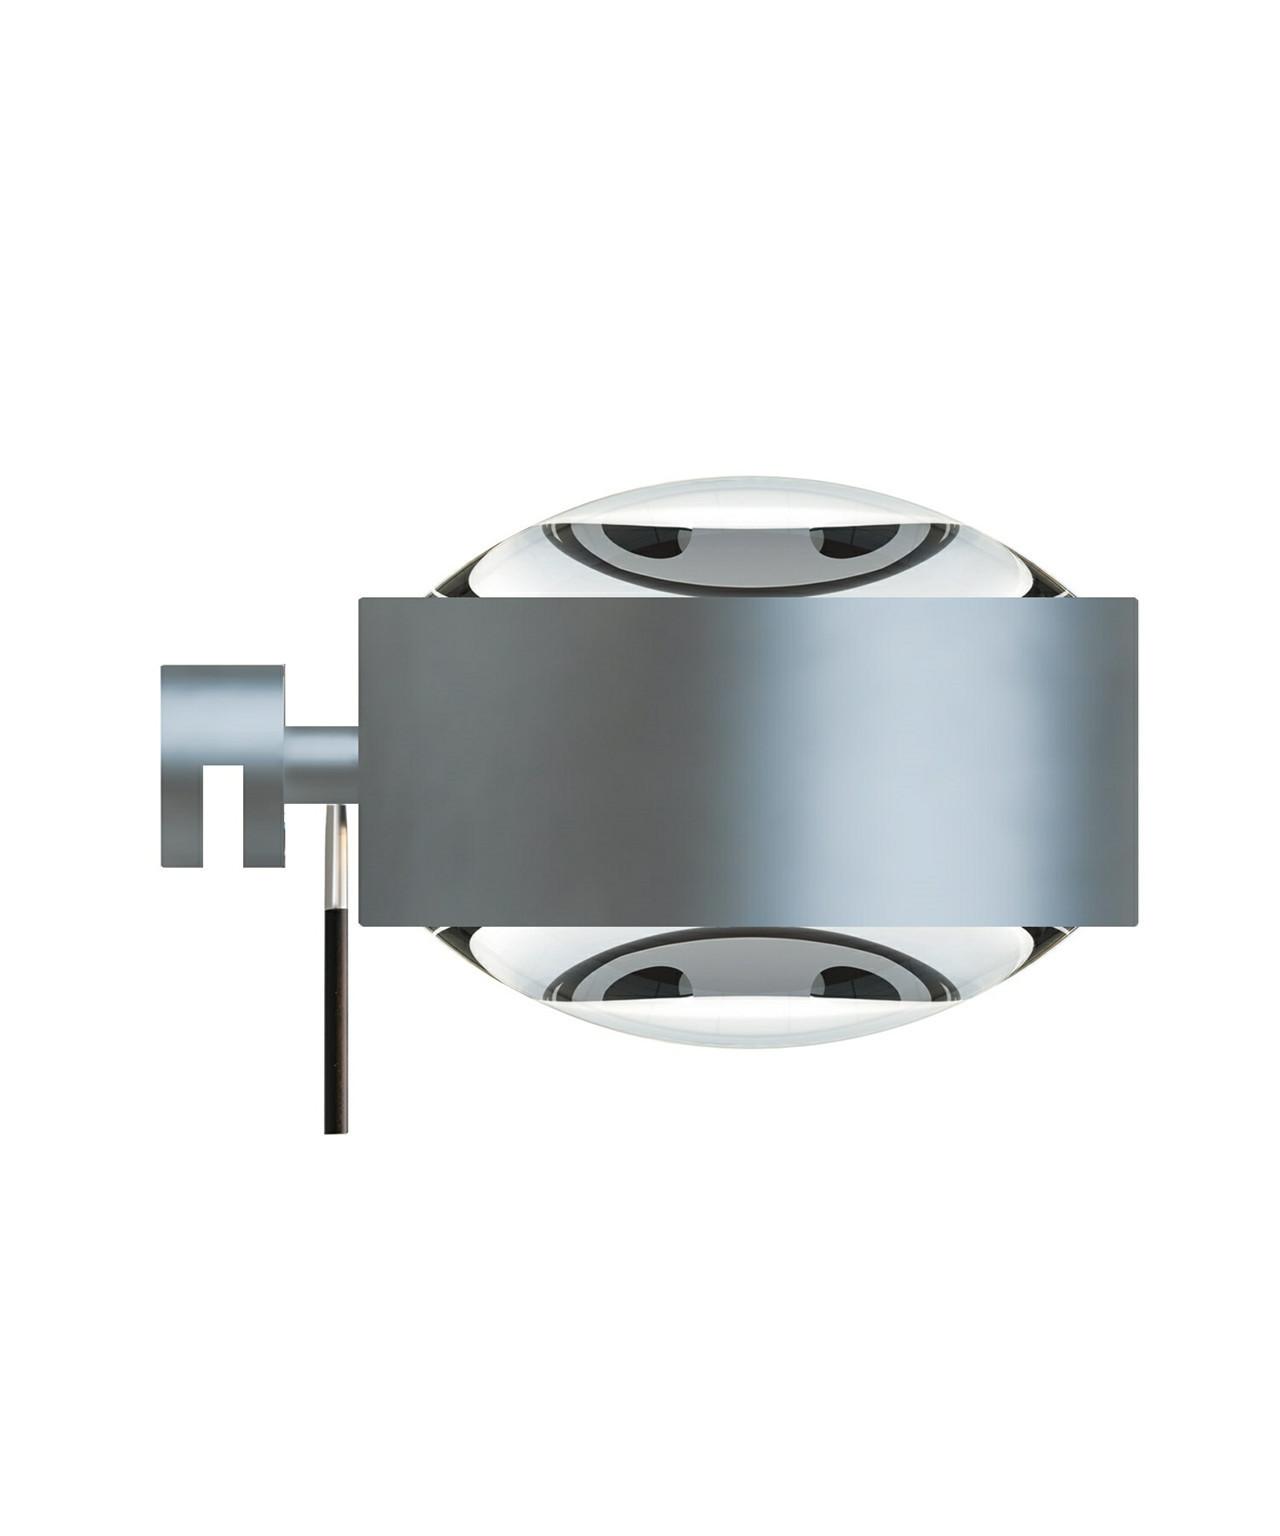 Puk Maxx LED Væglampe Lens + Lens Mat Krom - Top Light